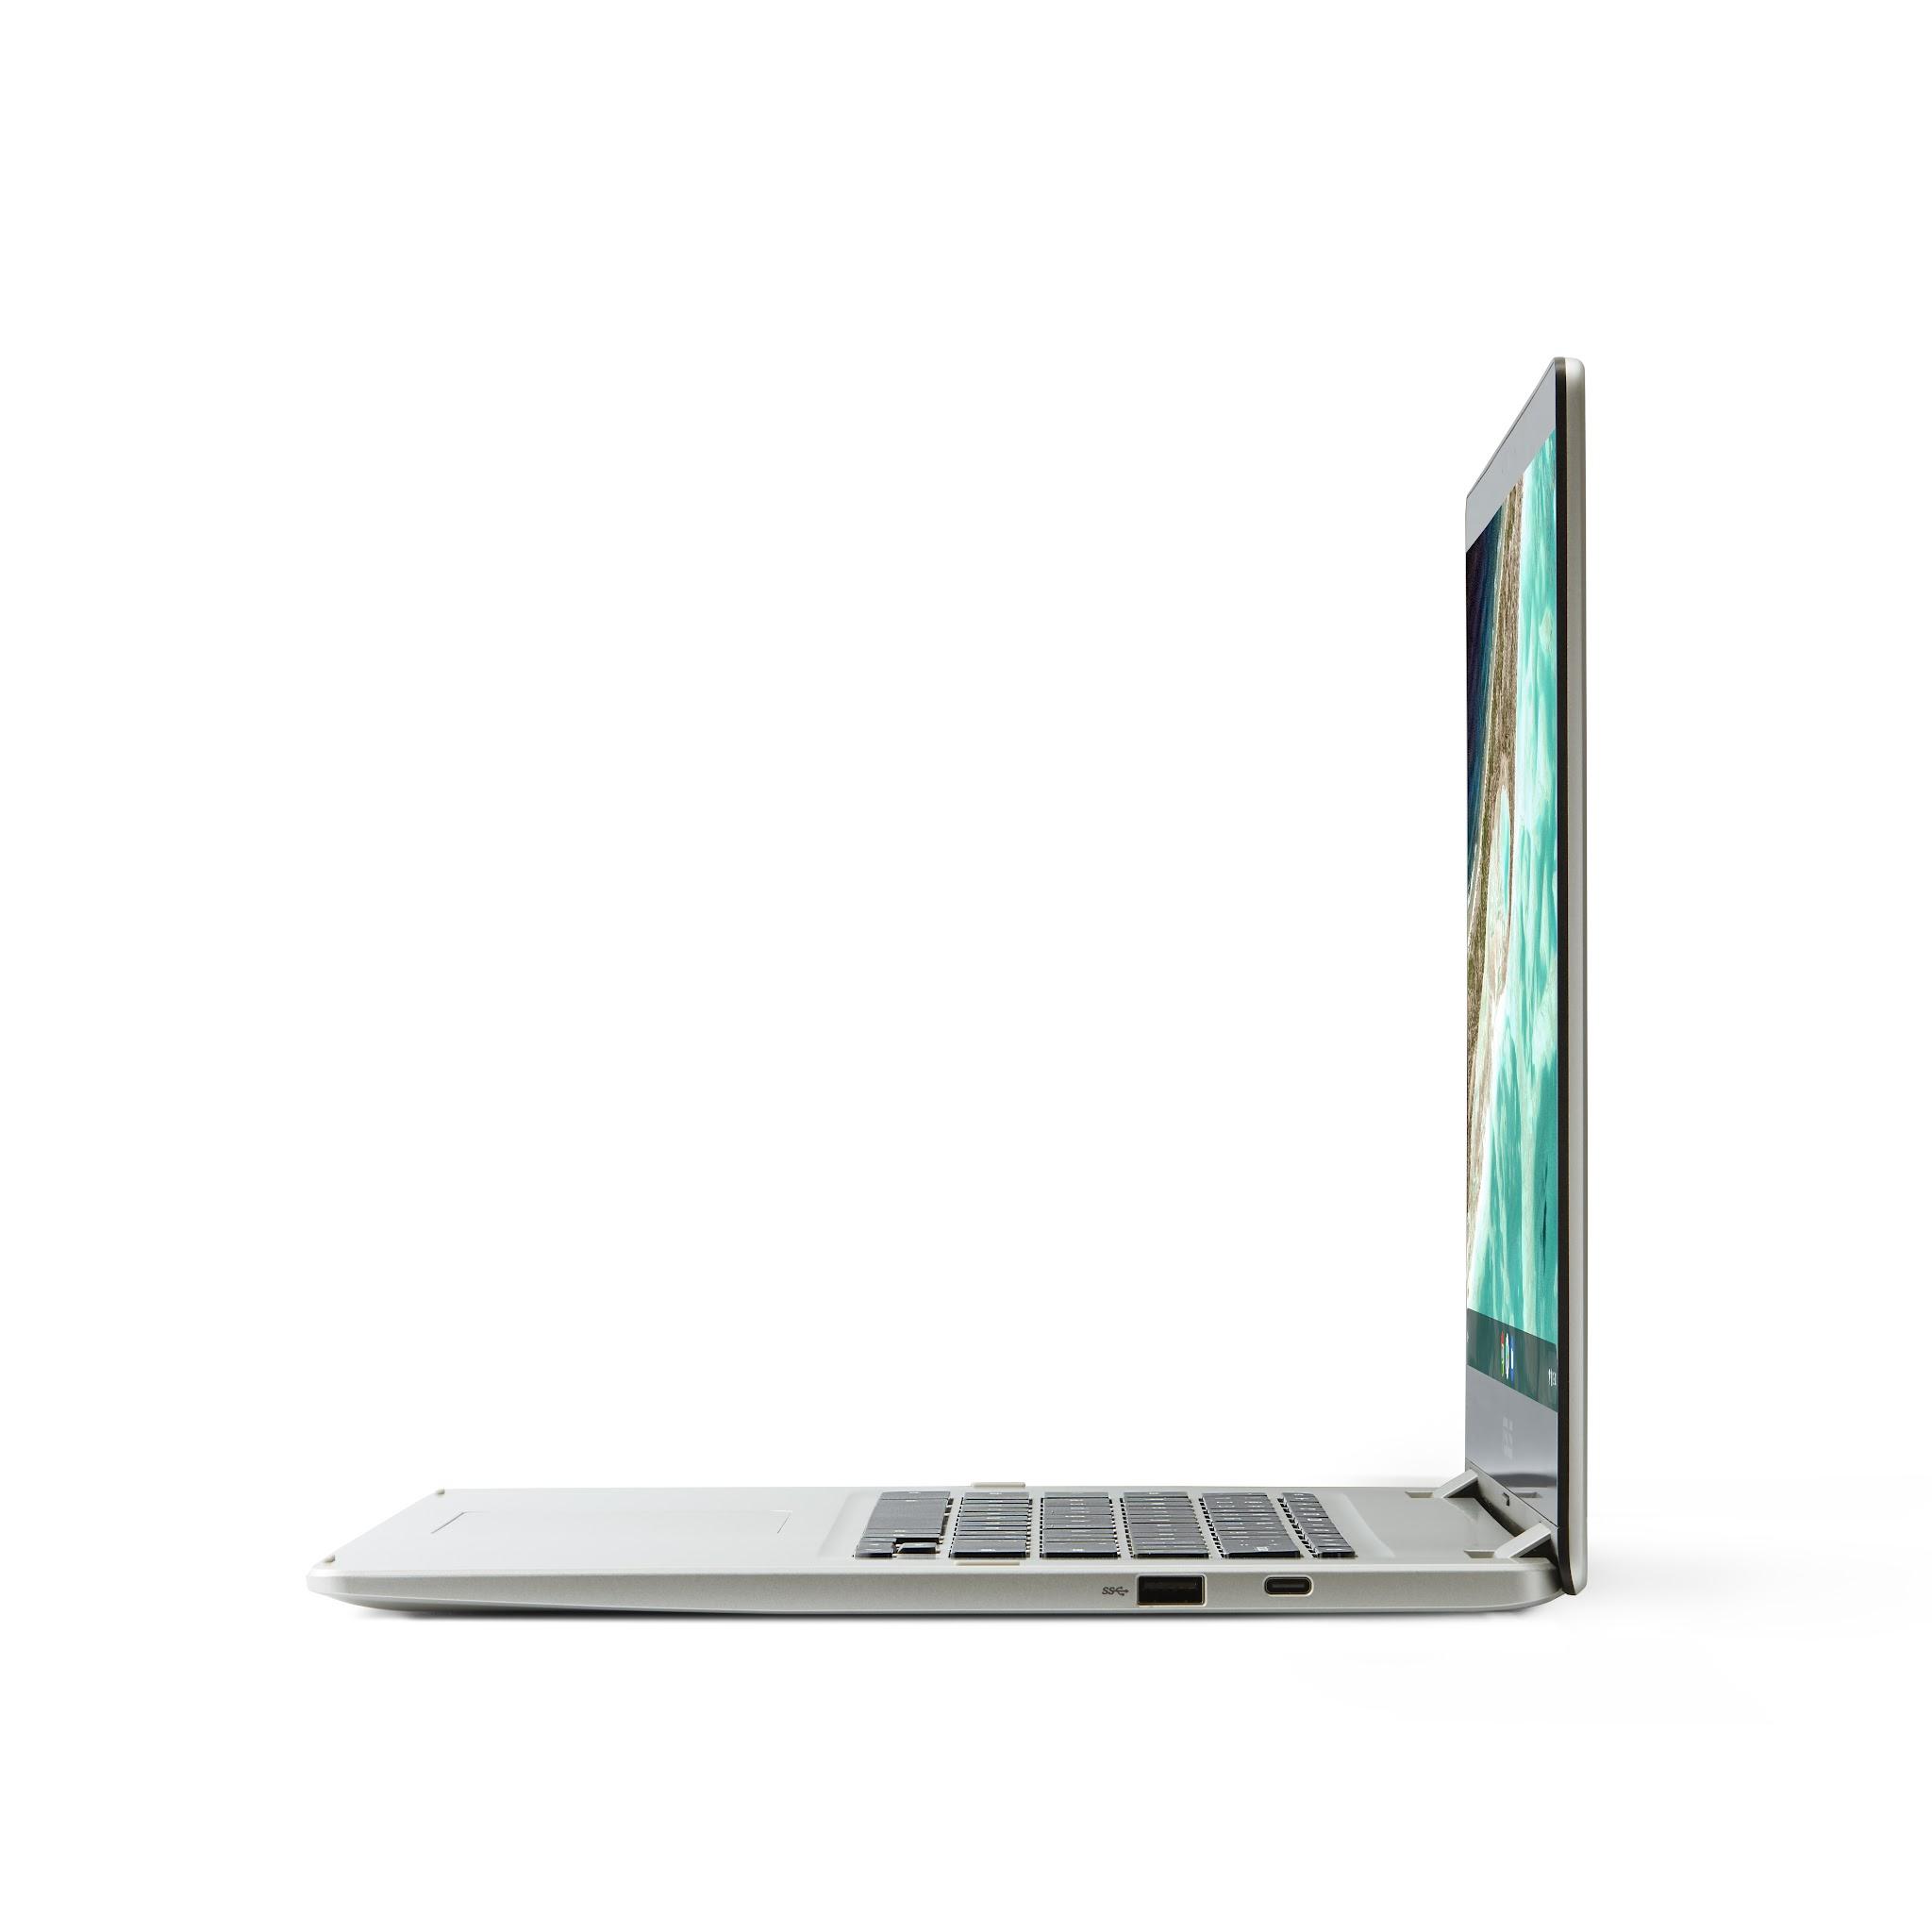 ASUS Chromebook C523 - photo 4